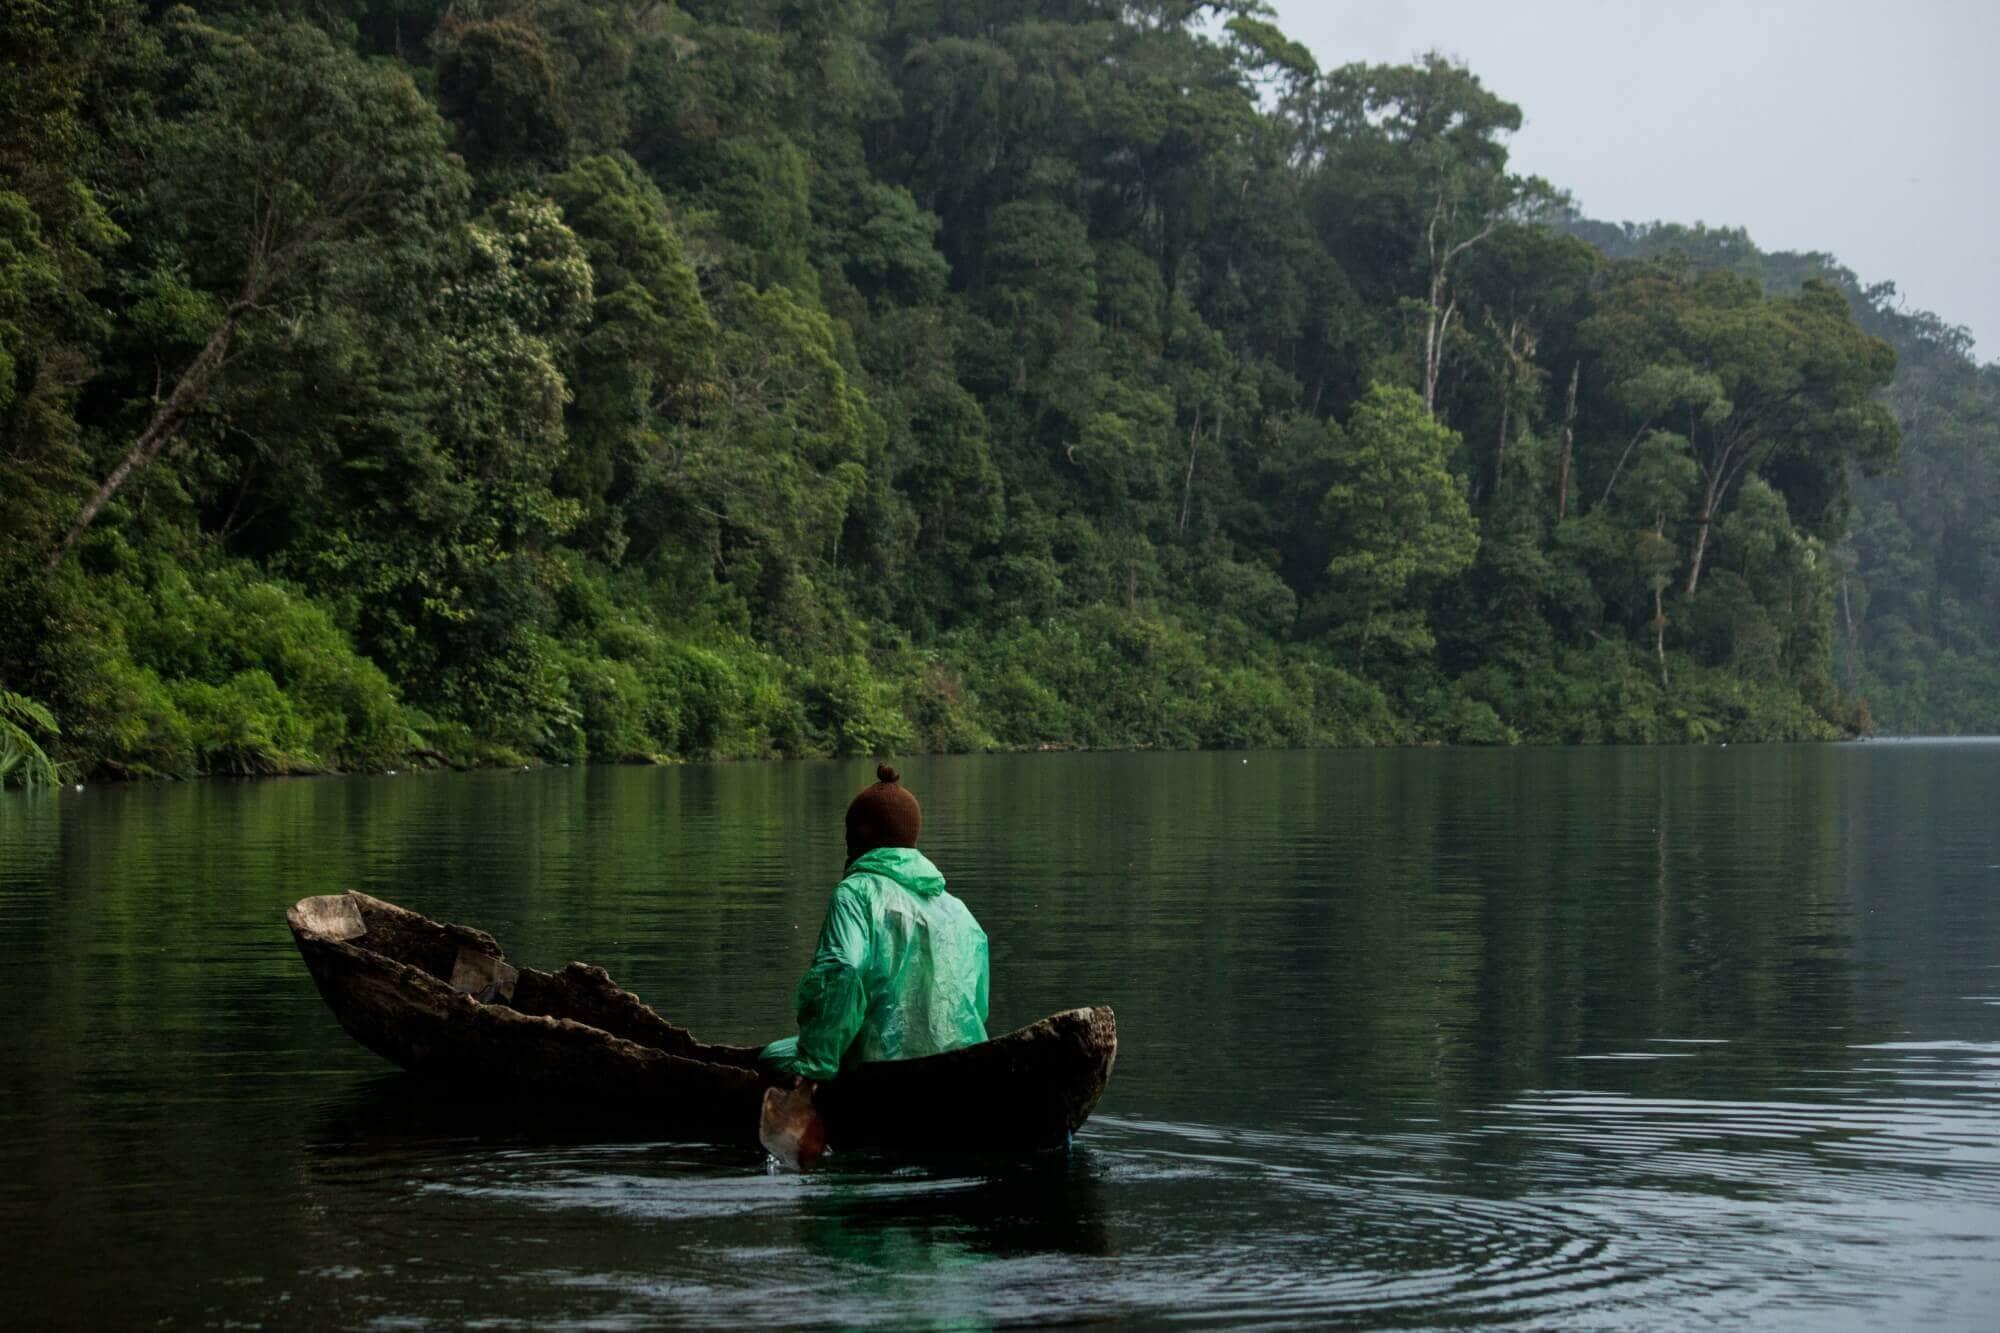 Dugout Canoe on Lake Mt. Tujuh Danau Gunung Tujuh, Kerinci, Jambi, Sumatra, Indonesia